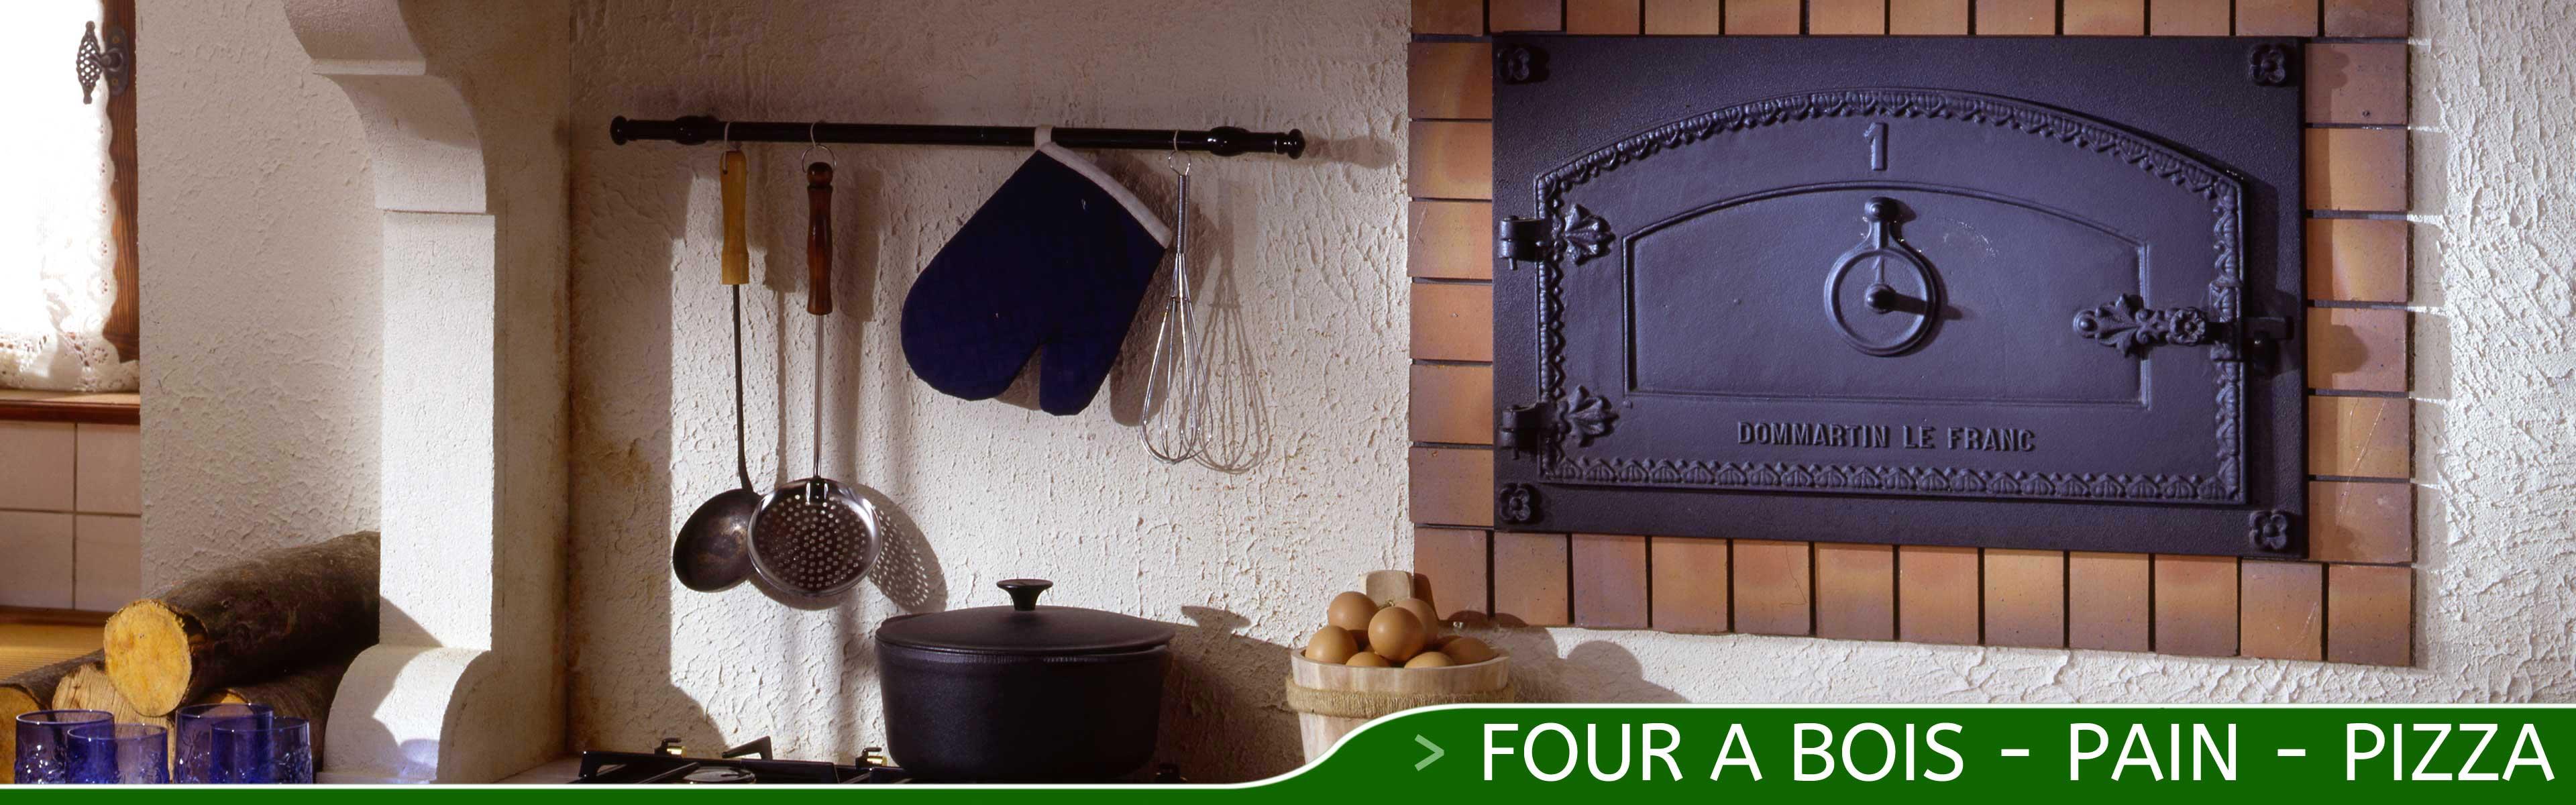 Fontes d 39 art de dommartin for Construire un four a bois exterieur